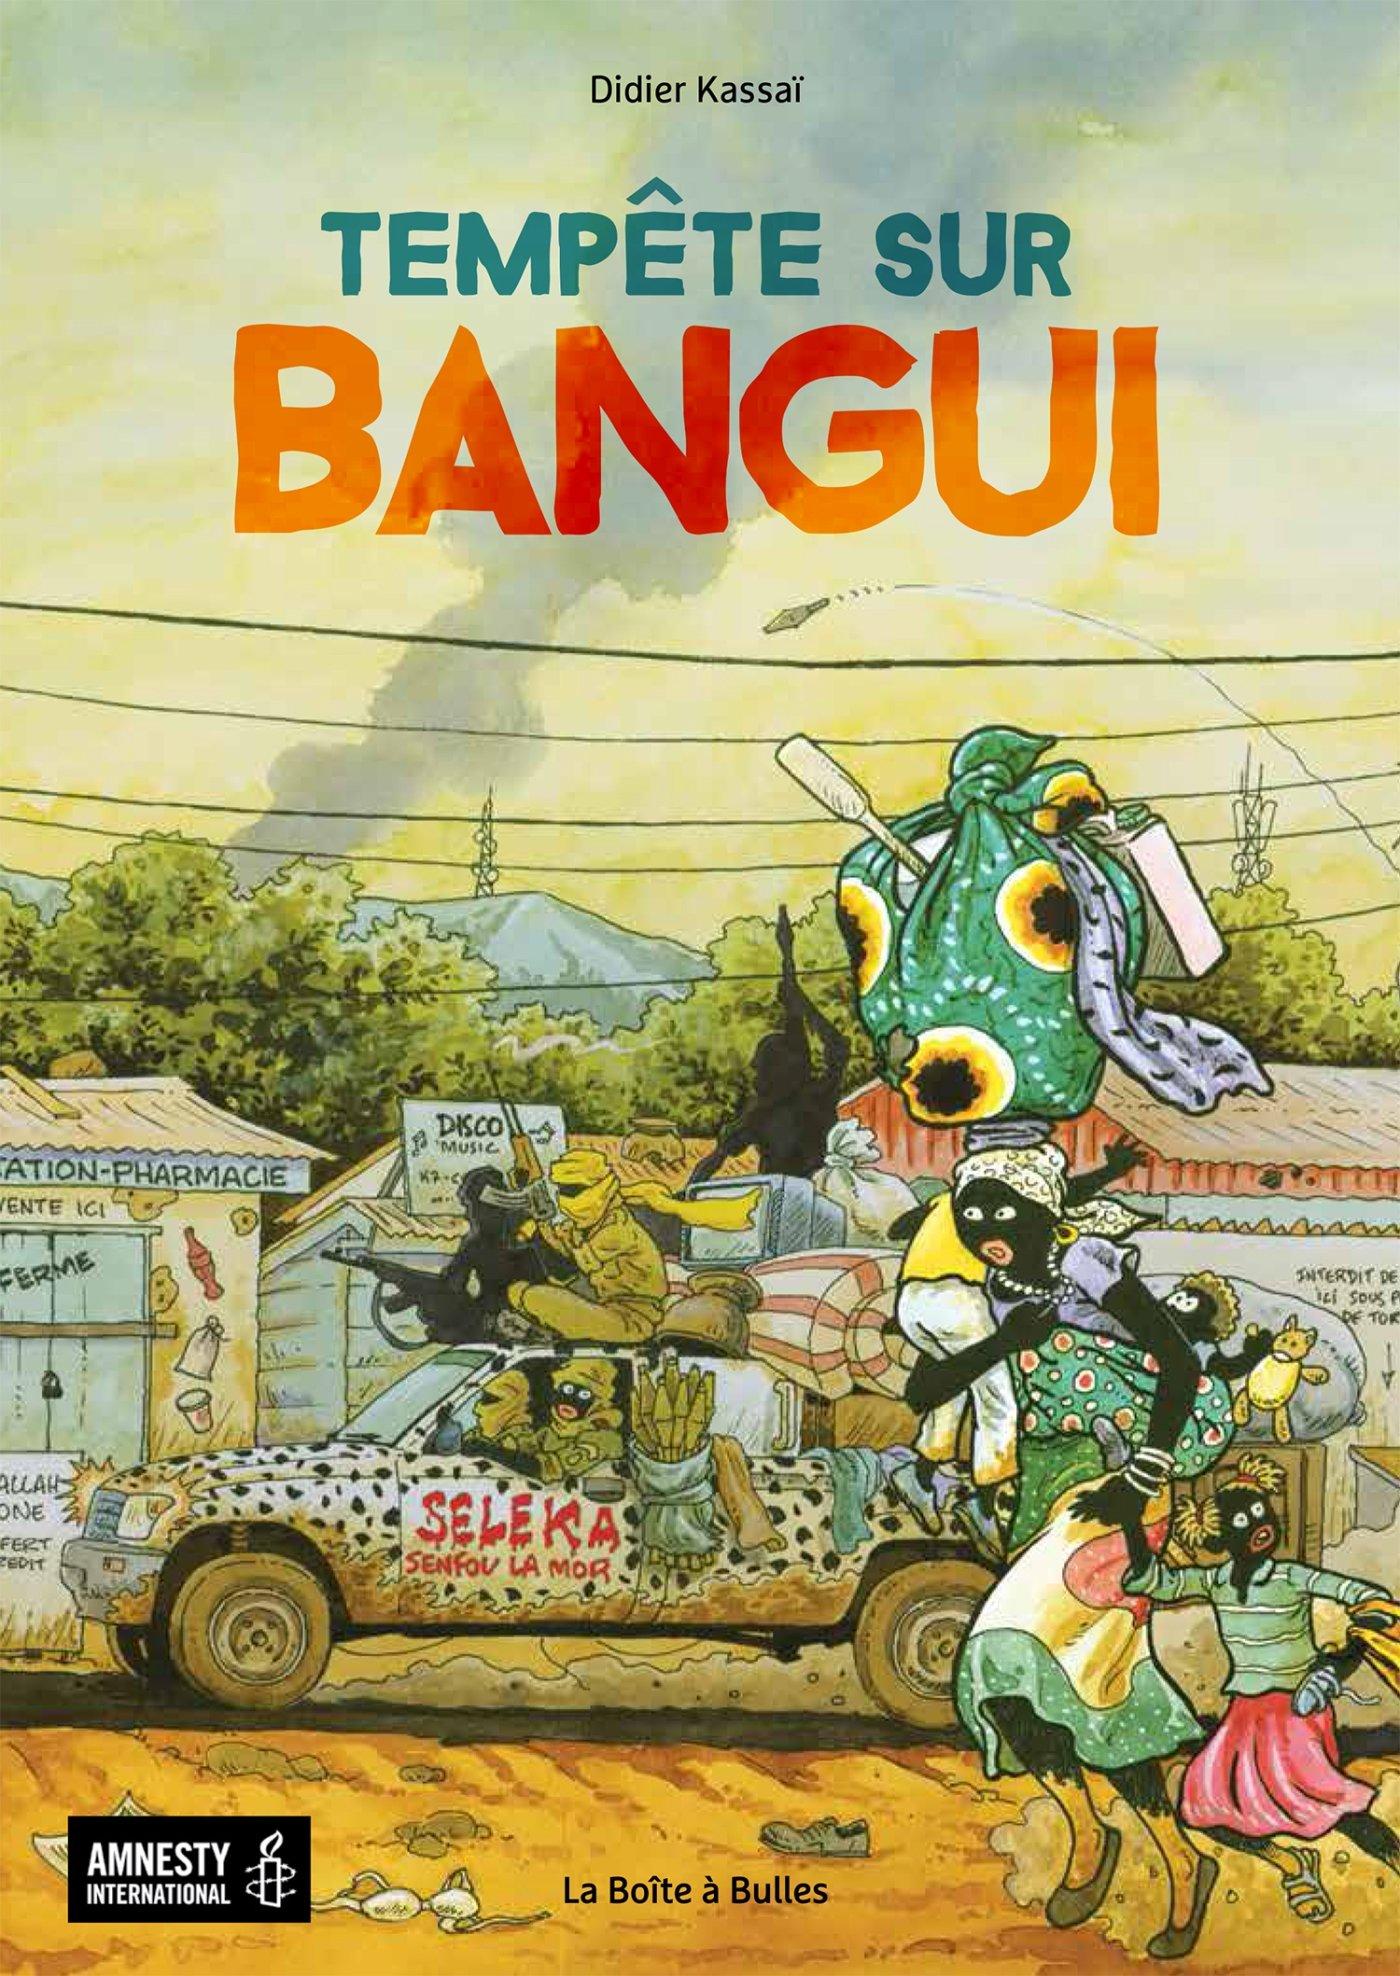 Tempête sur Bangui by Didier Kassai